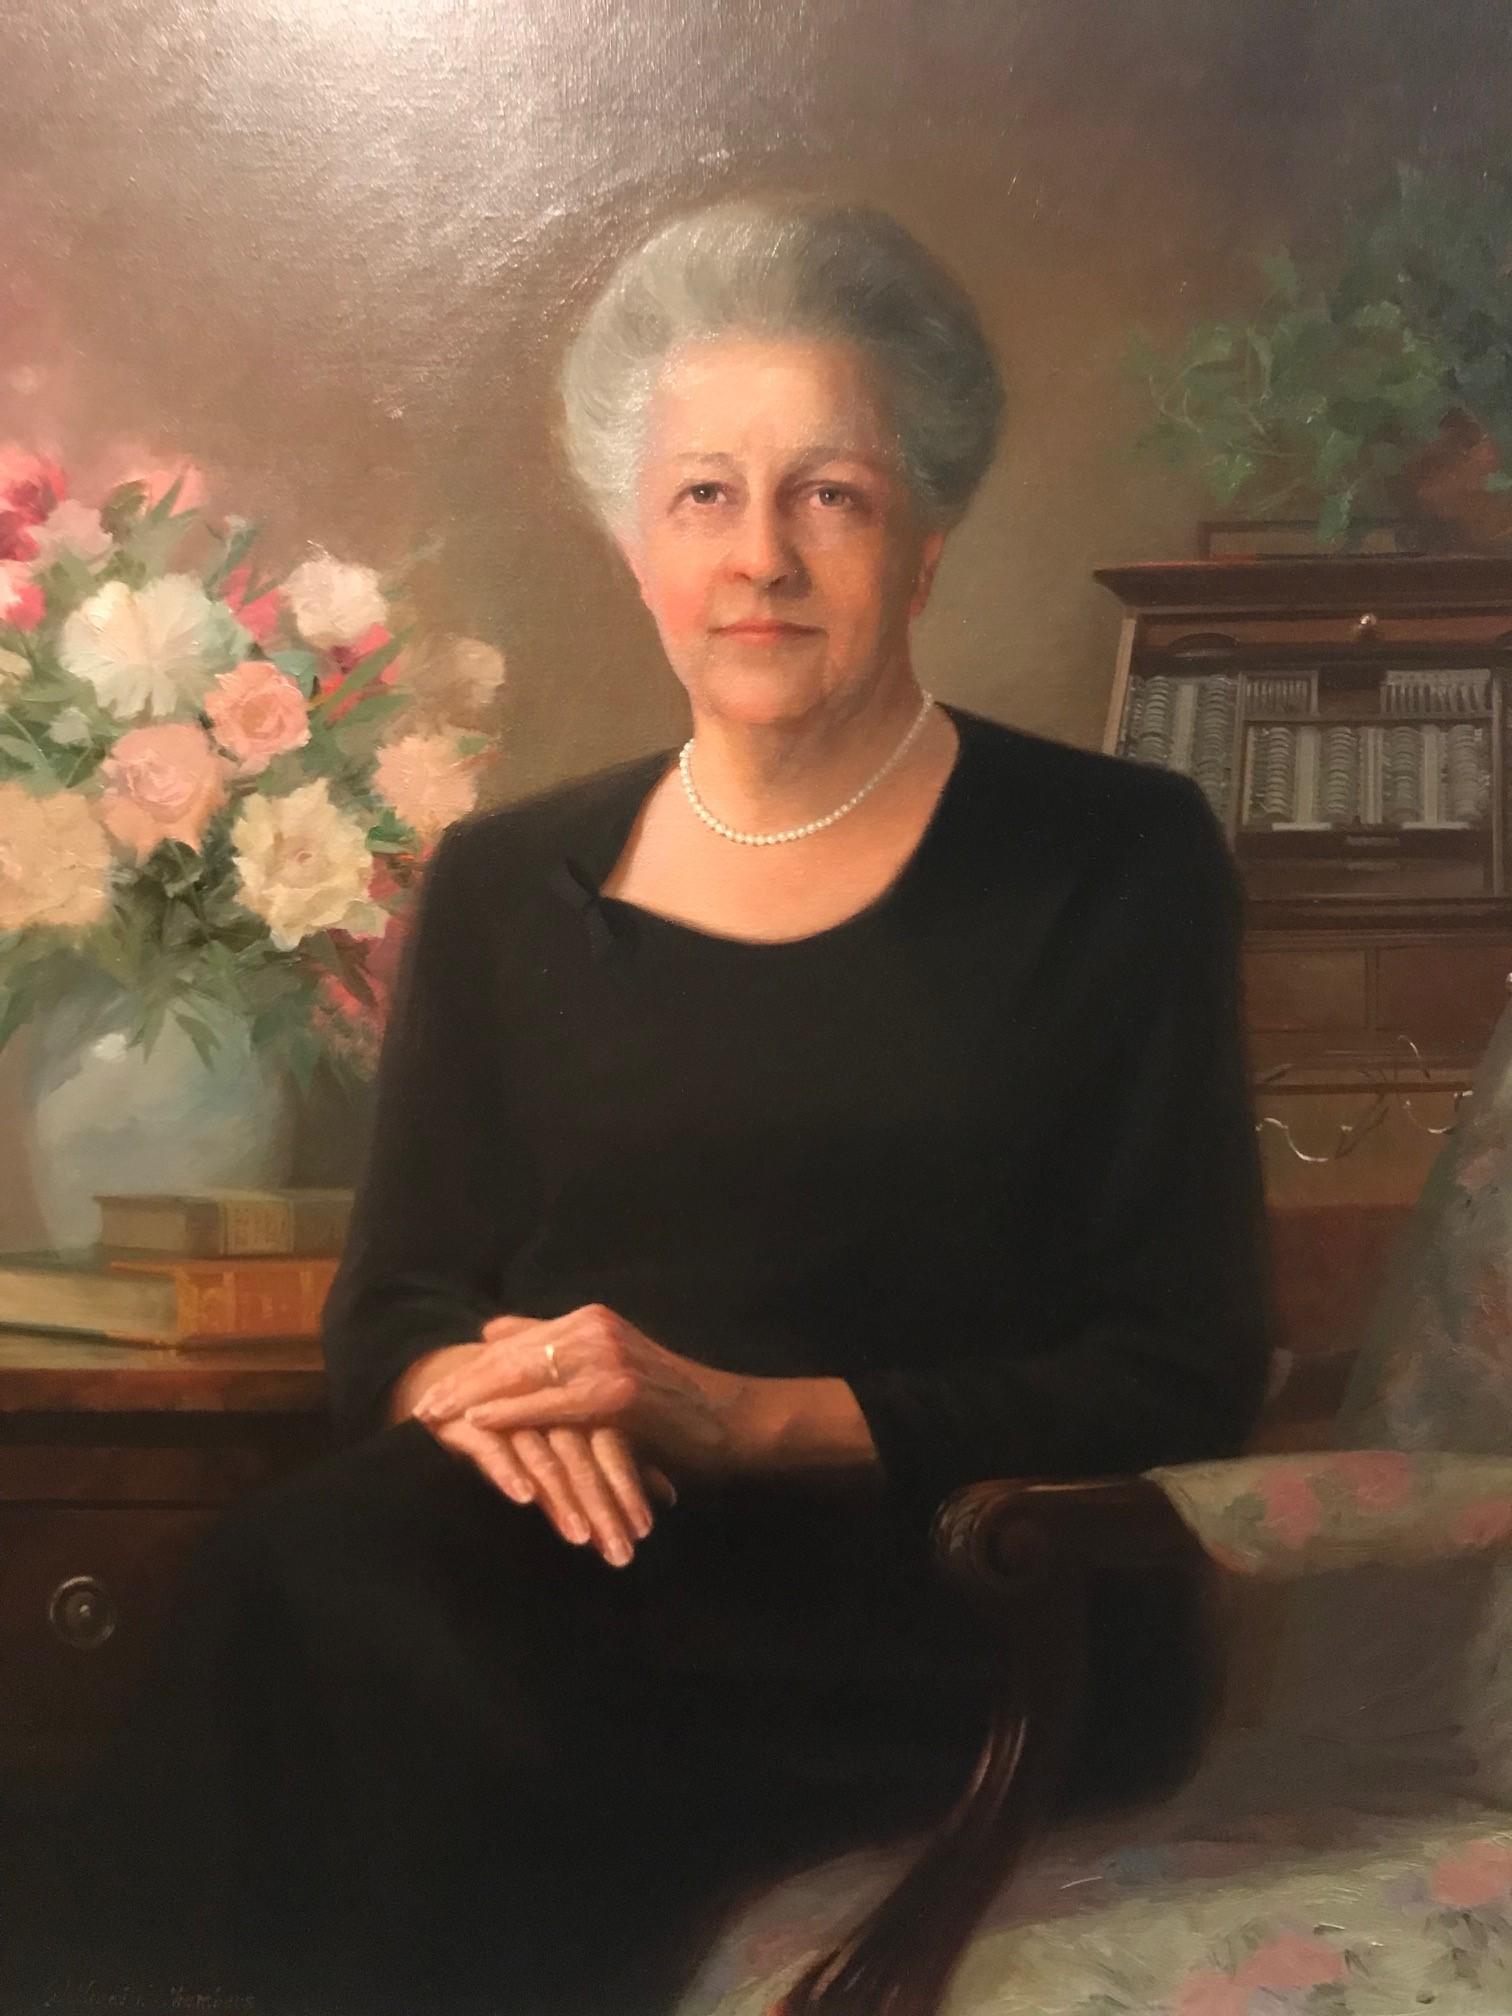 Photograph of Dr. Zefross